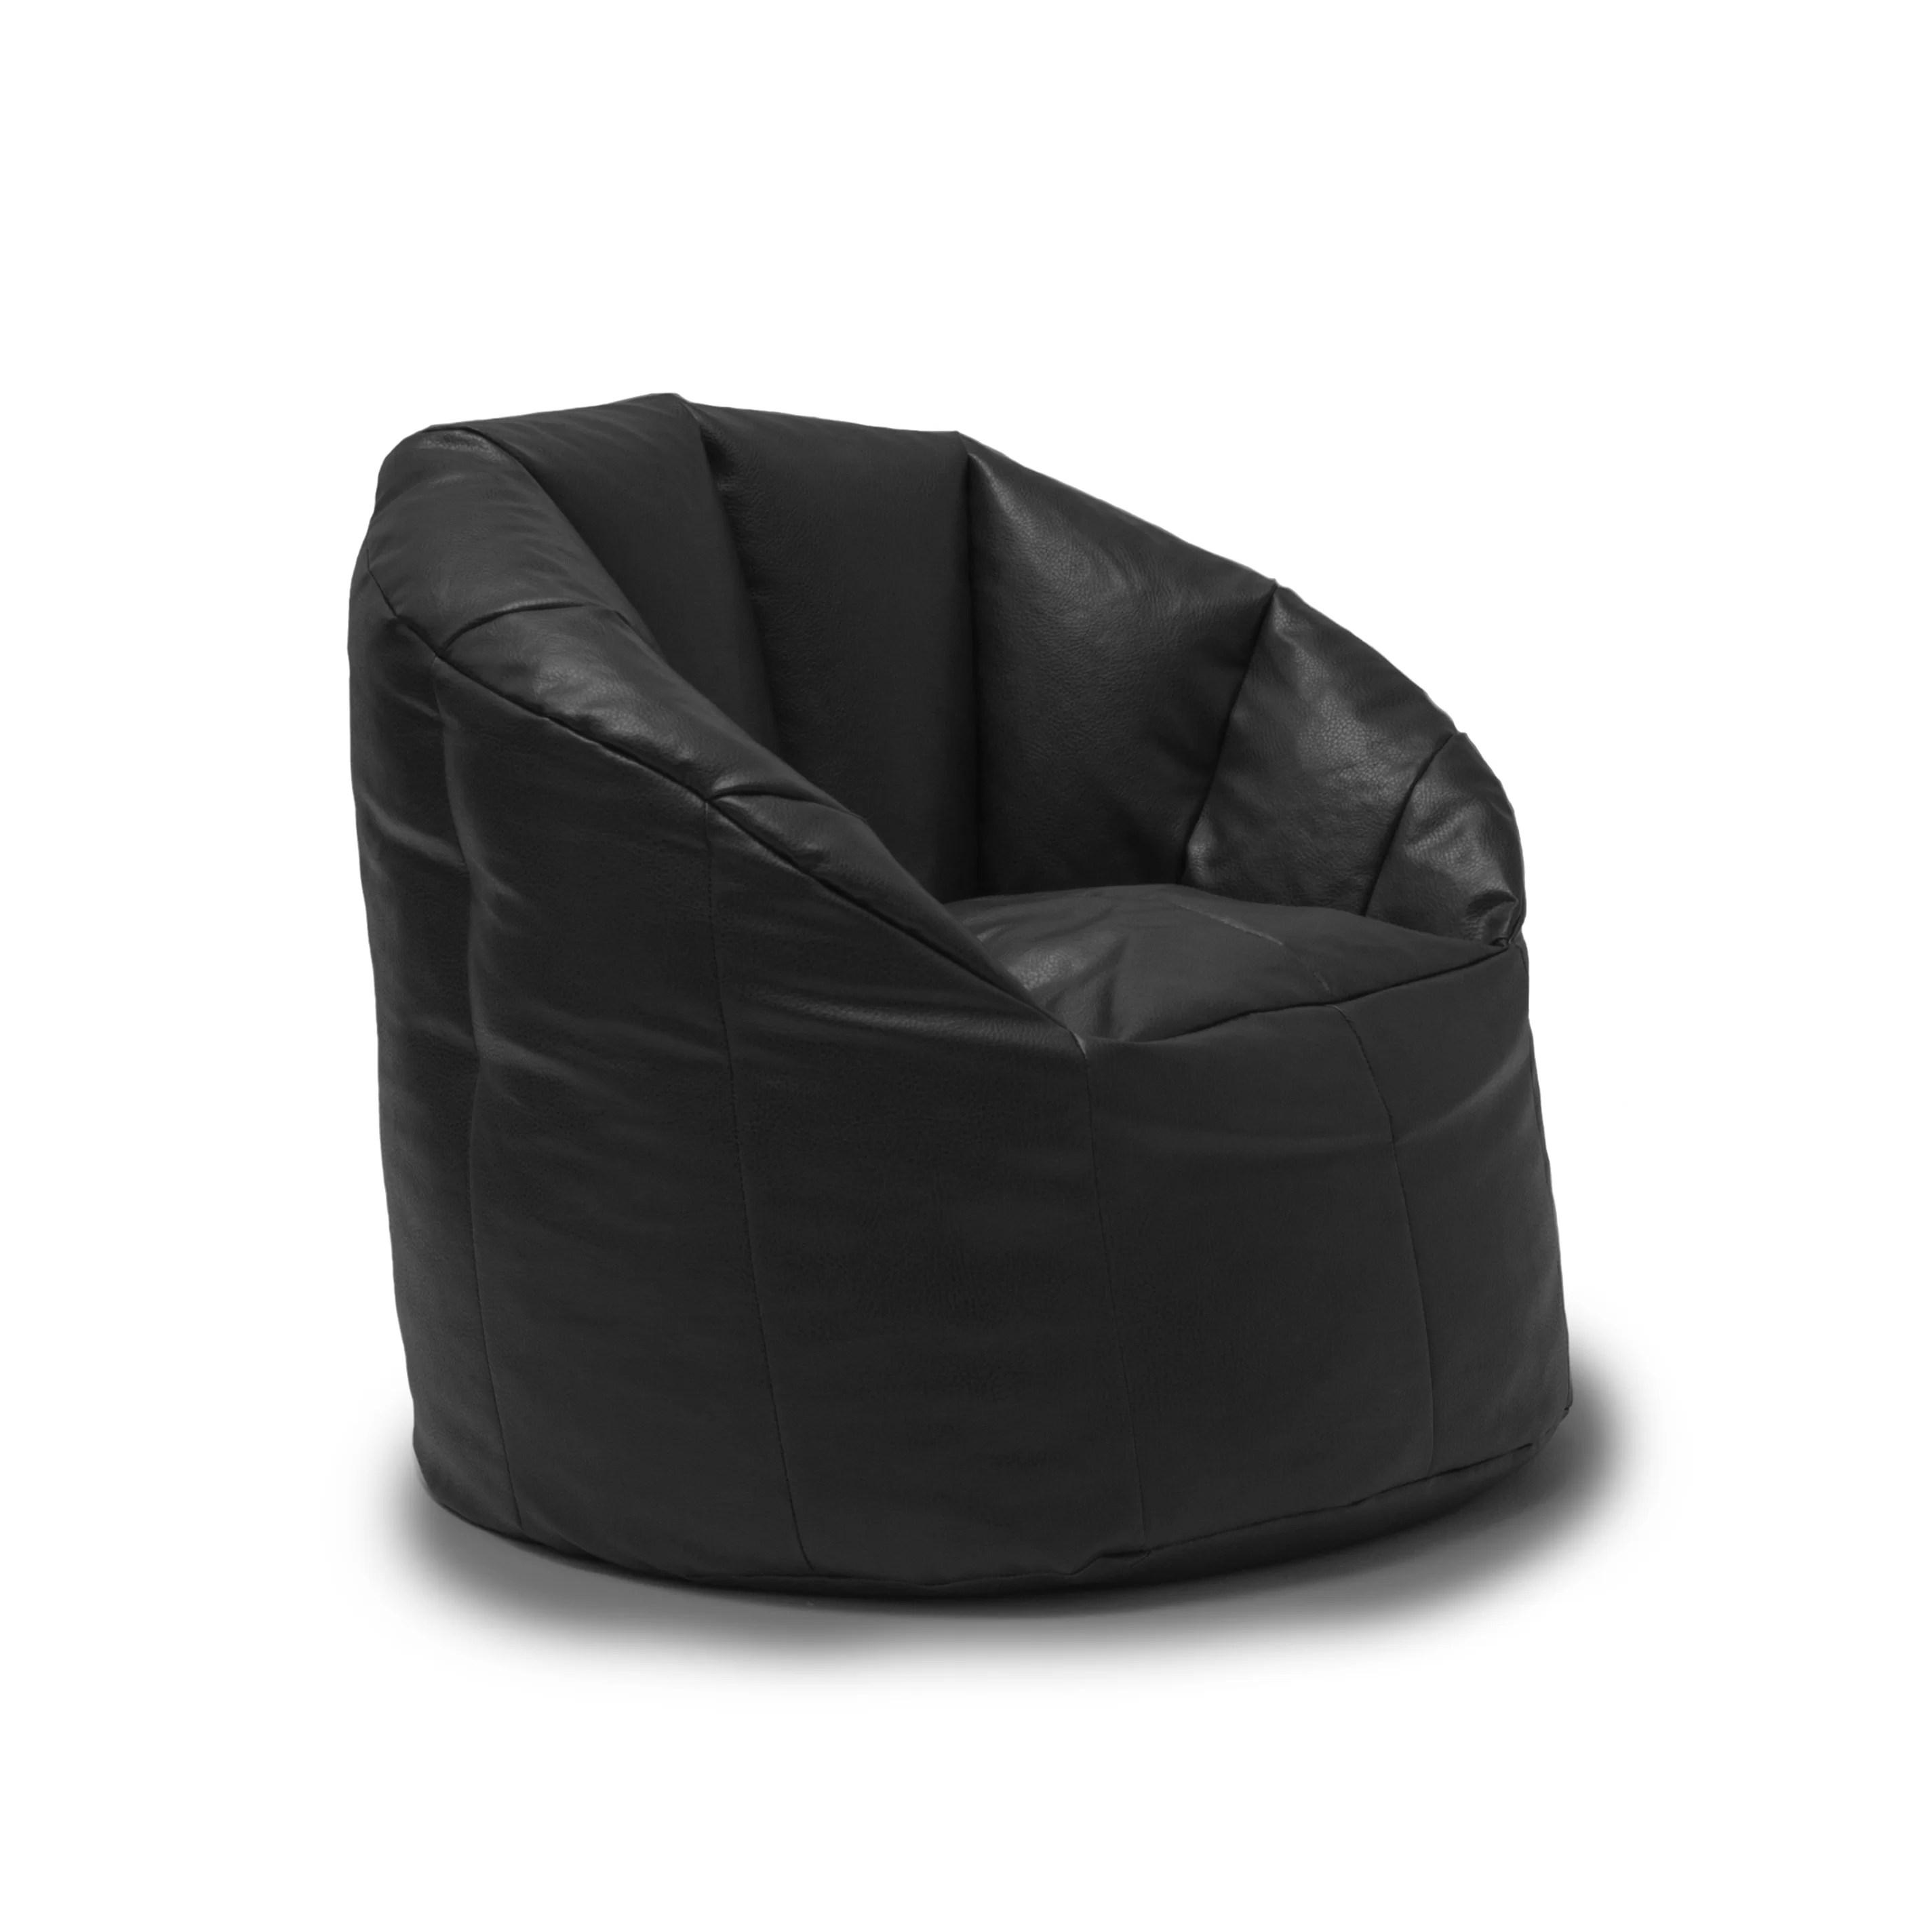 Comfort Research Big Joe Milano Bean Bag Lounger  Reviews